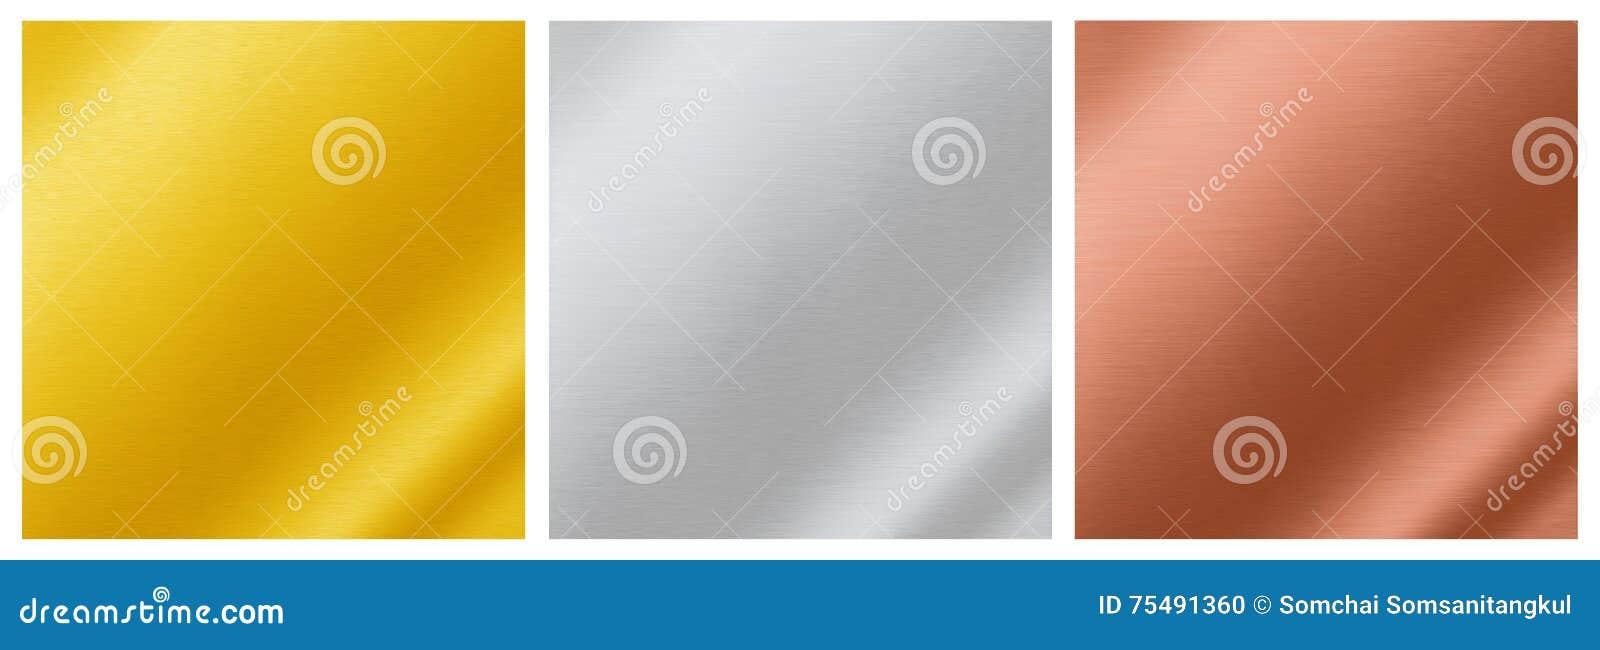 Texturas metálicas del fondo del oro, plata, bronce, aluminio,